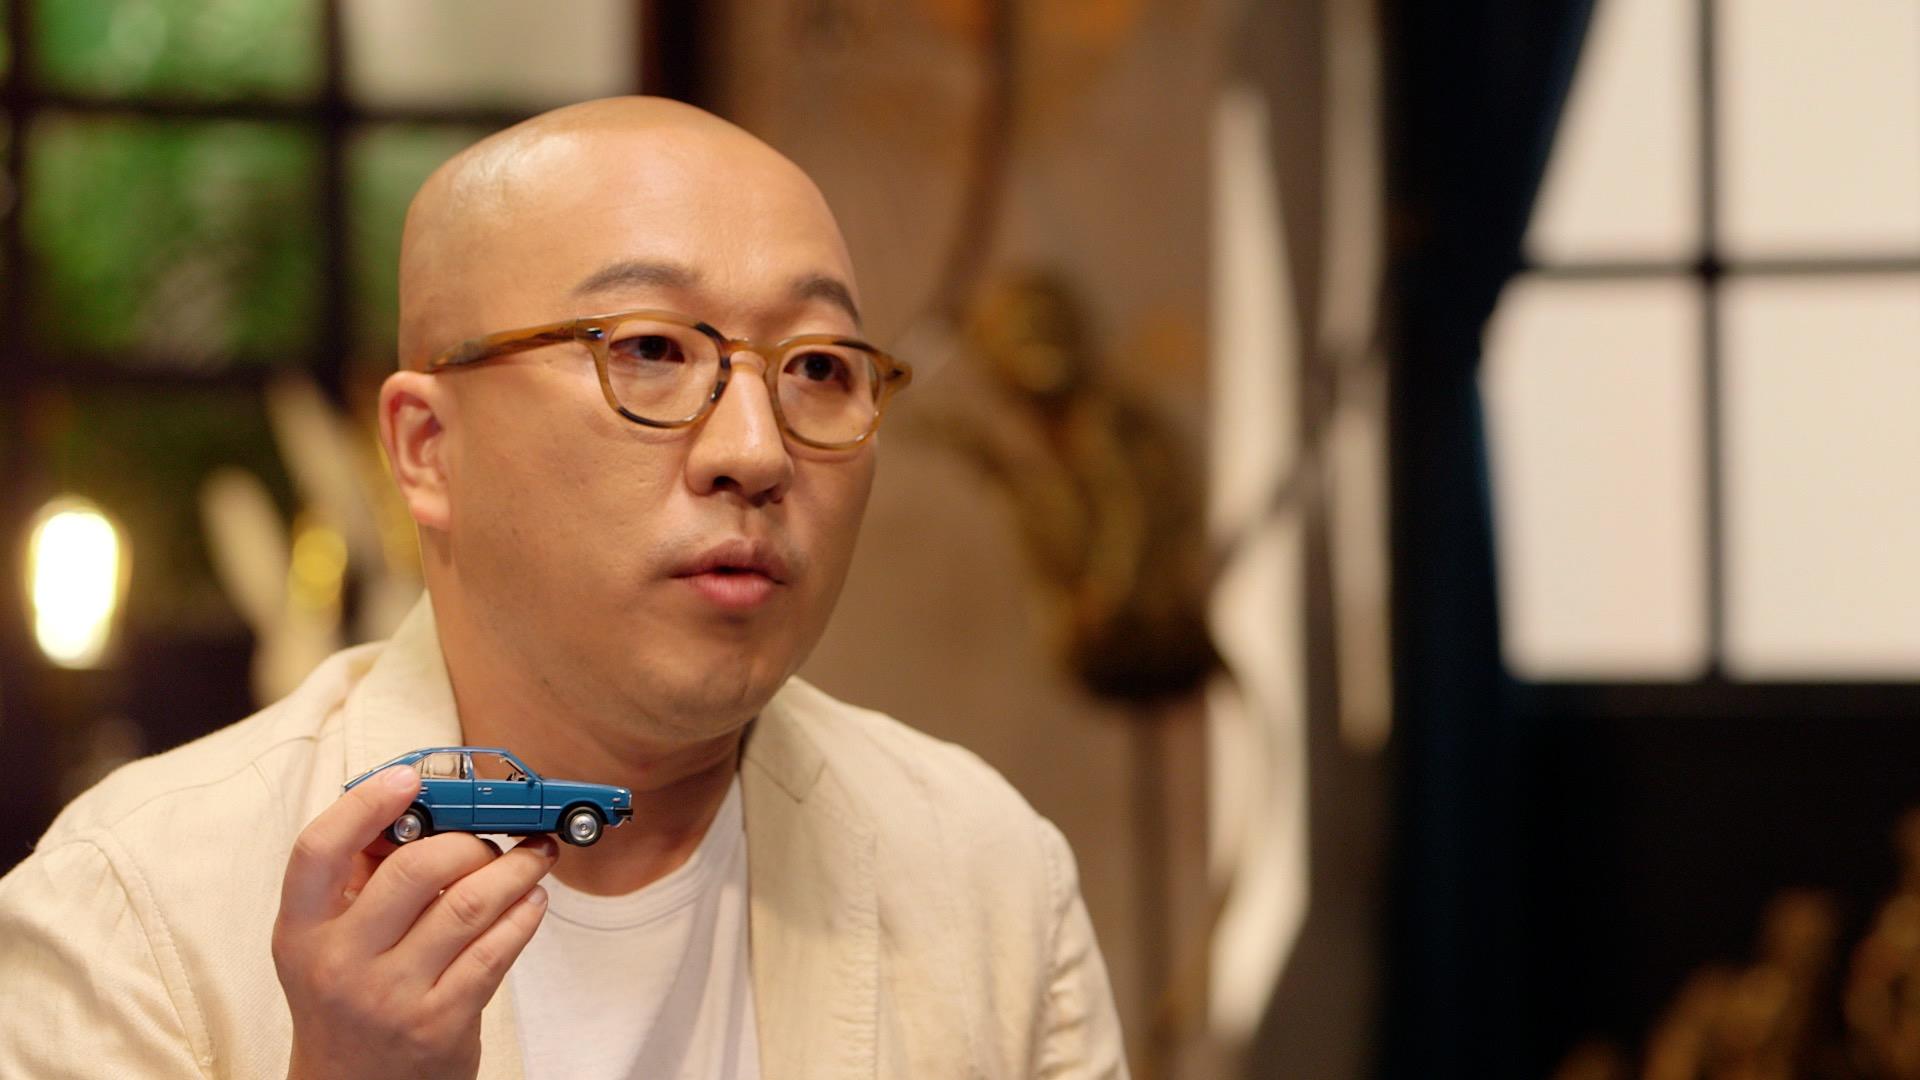 EBS 비즈니스 리뷰 [자동차 역사에서 혁신을 찾다]